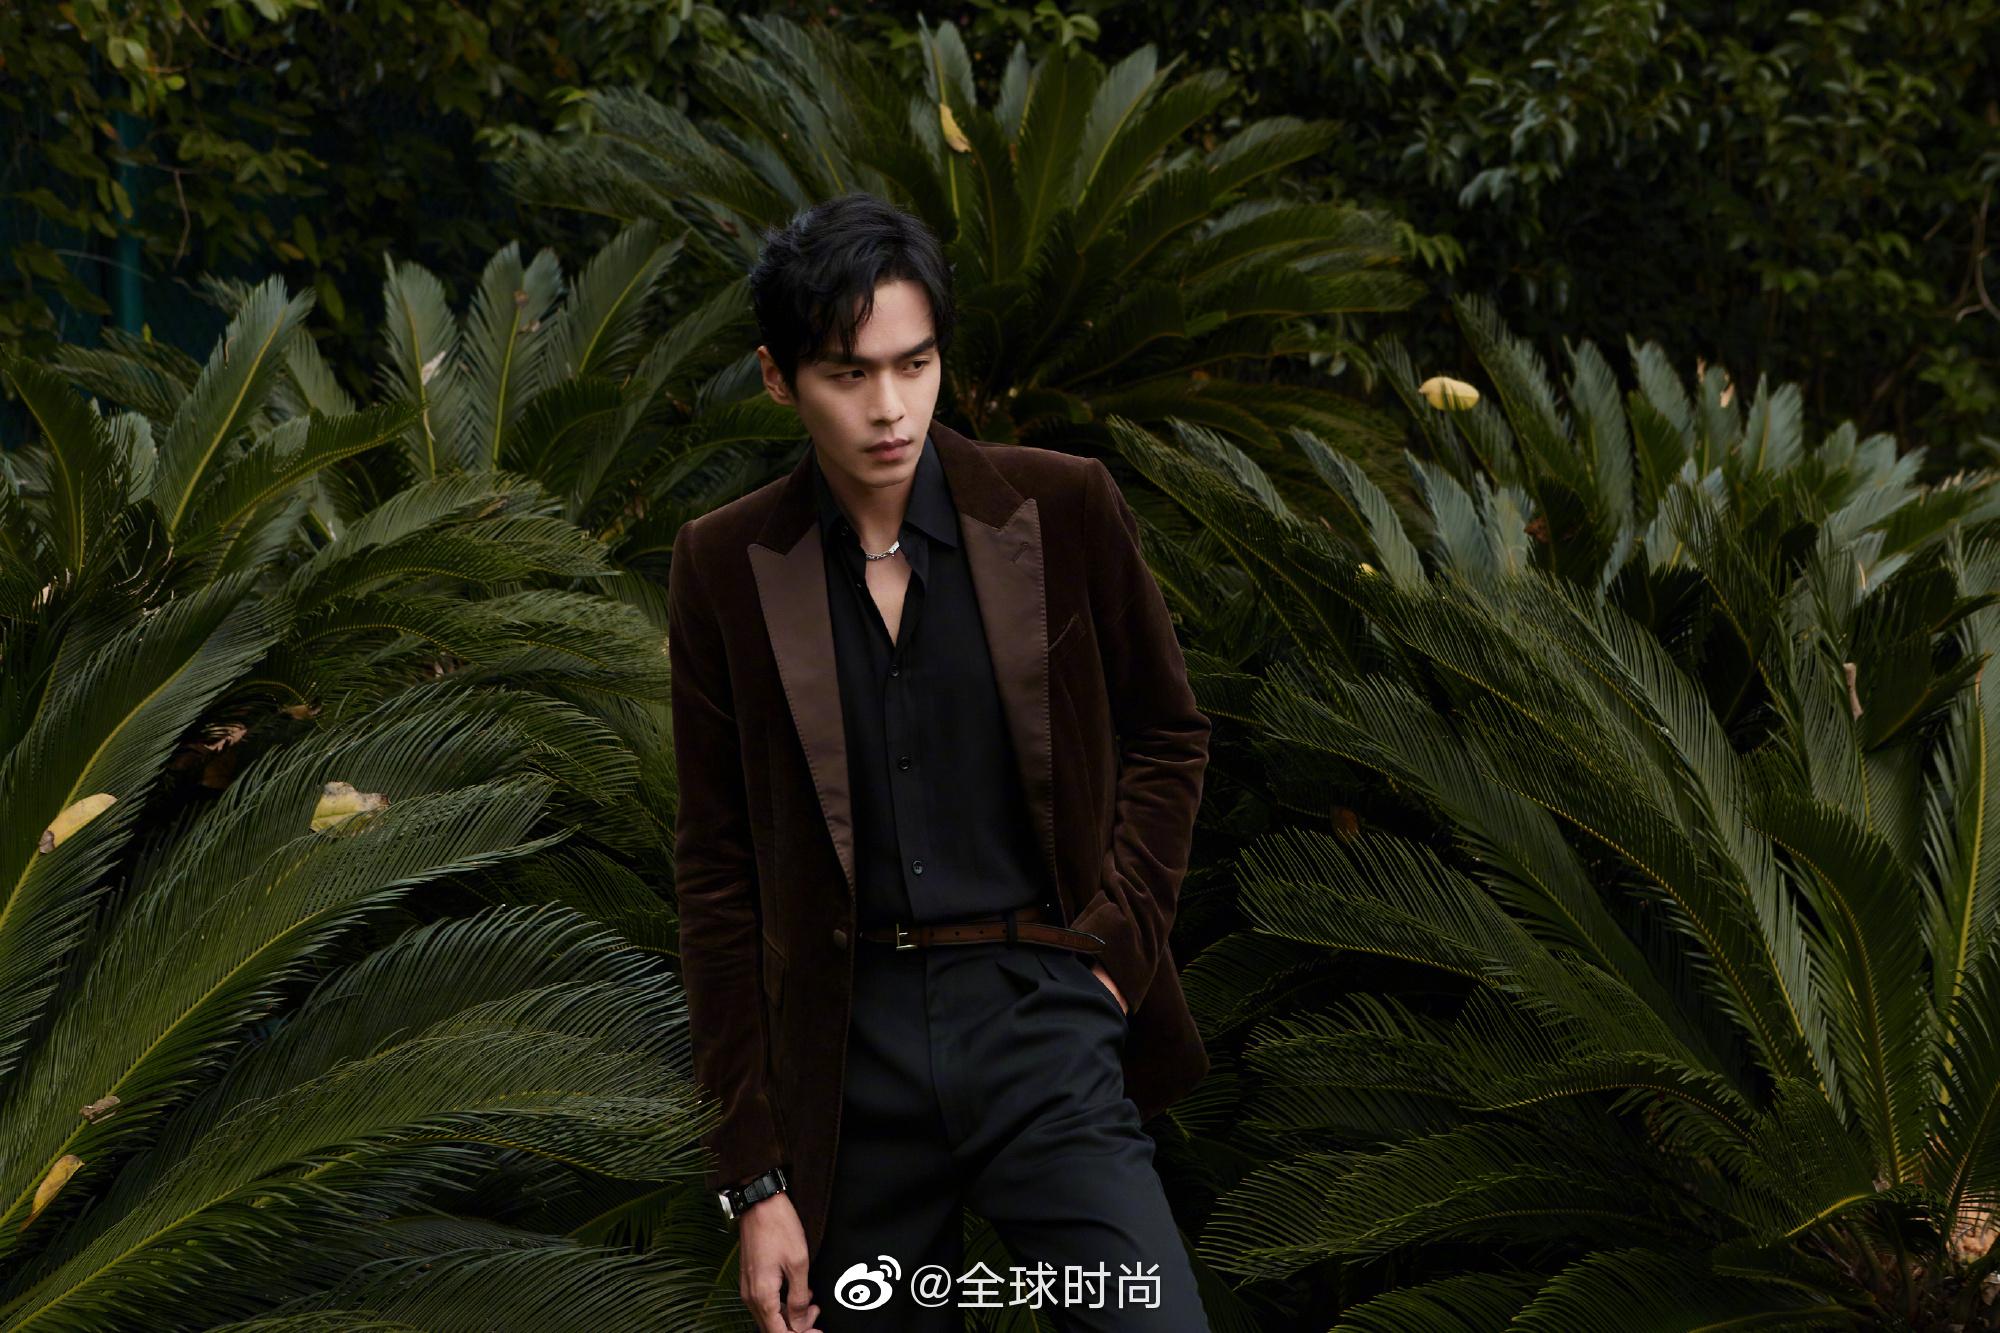 身穿棕色系外套的他搭配黑色v领衬衫 超级复古的即视感 没有多余的修